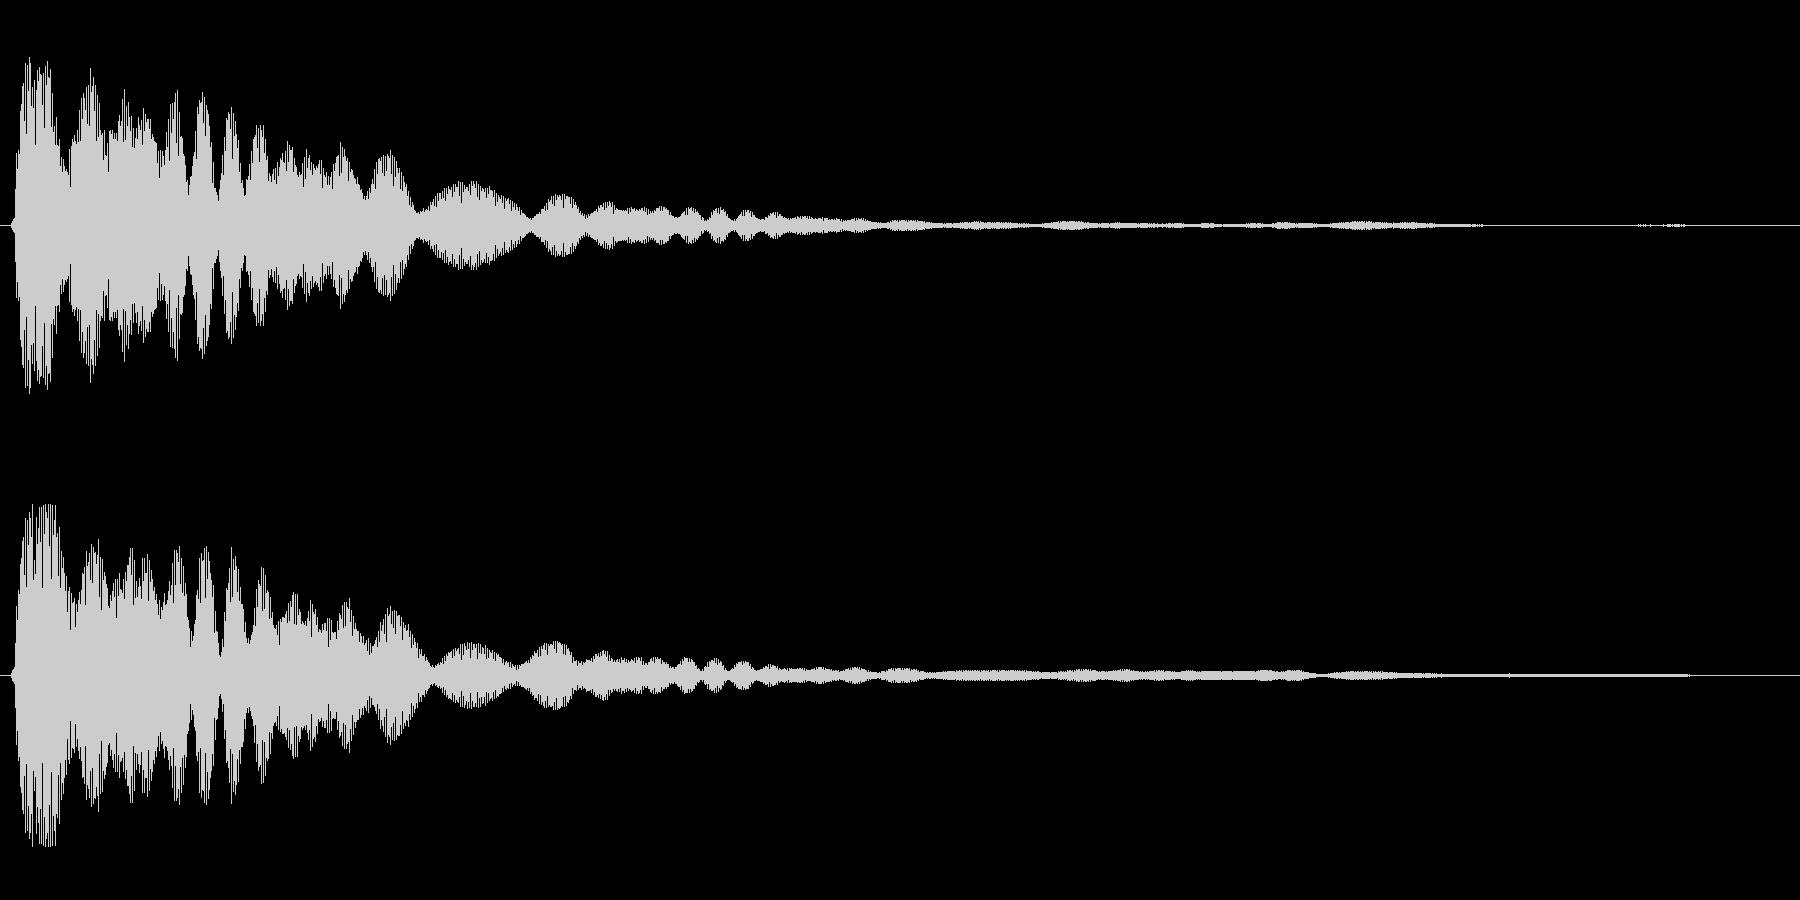 キーン(高い決定音)の未再生の波形